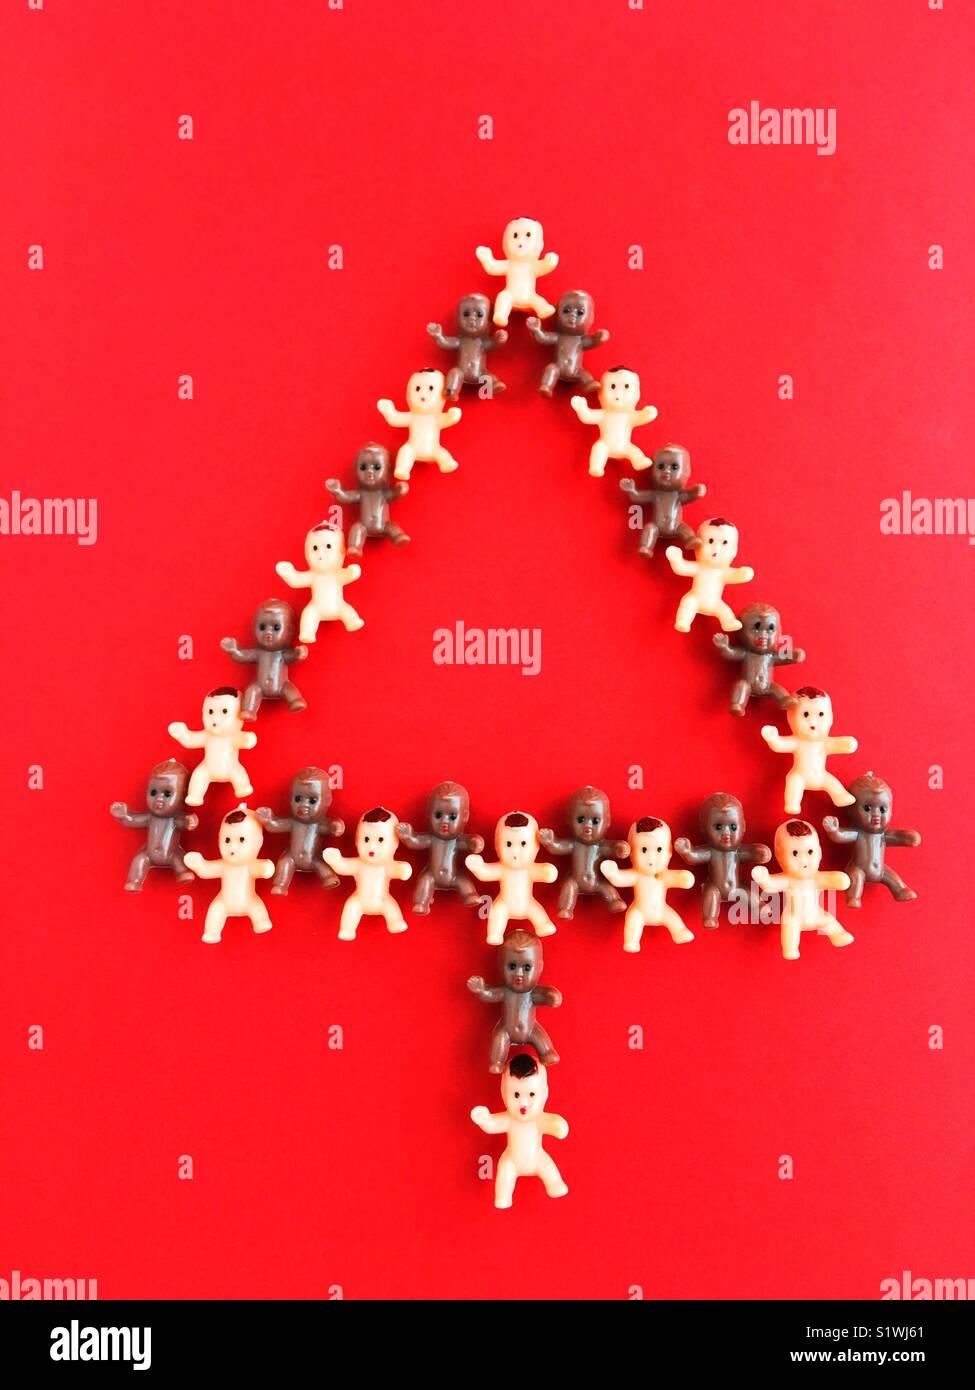 En plastique minuscules baby dolls la forme d'un arbre de Noël. Photo Stock